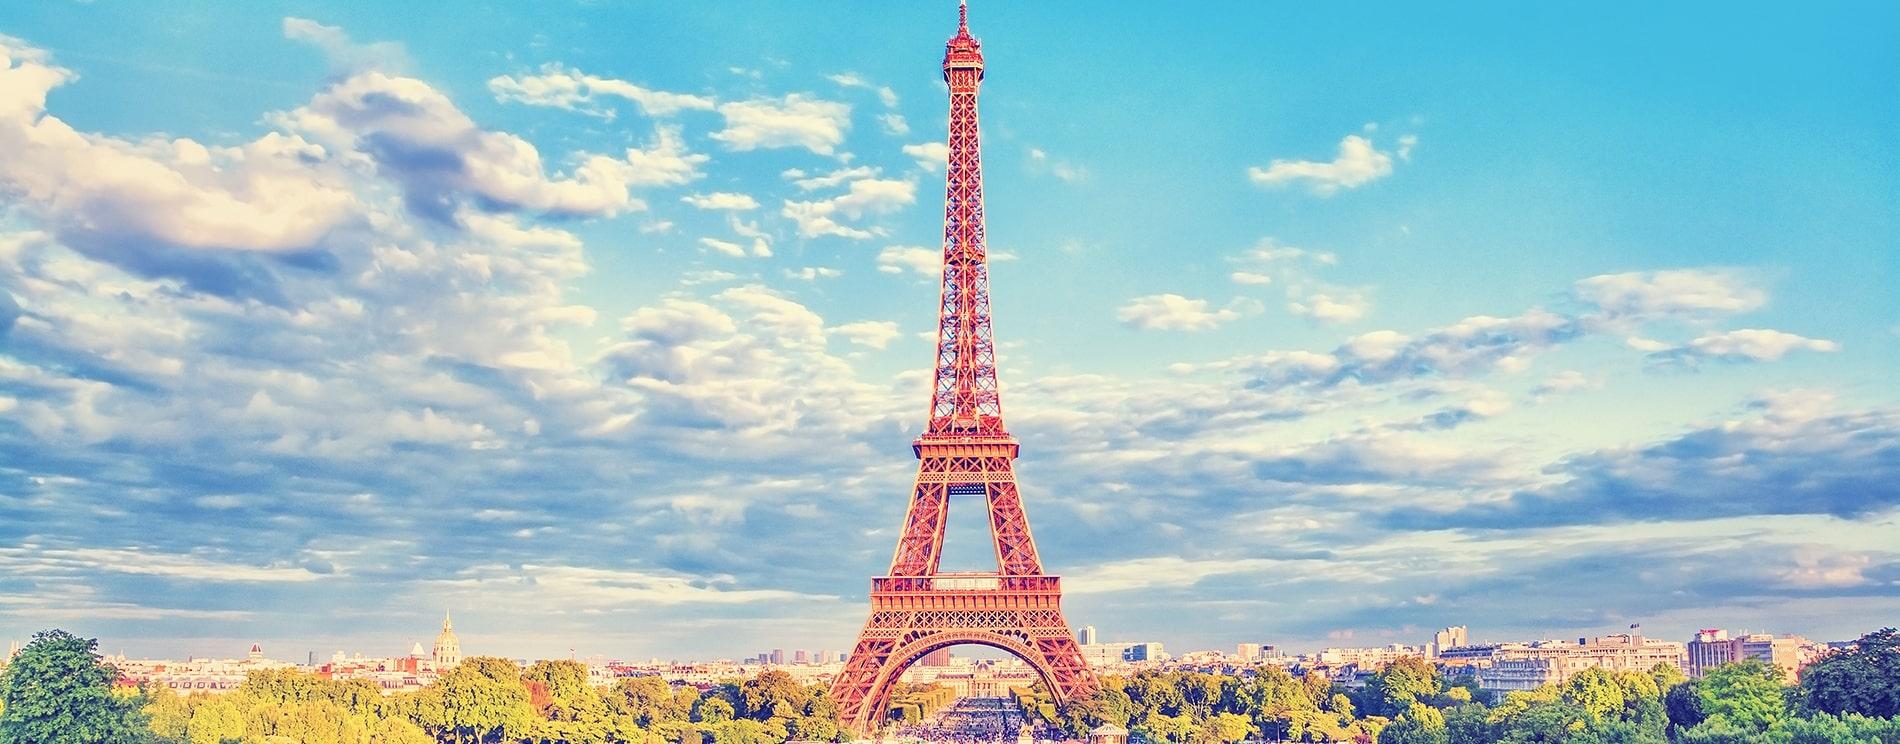 Blog de voyage sur la France et ses régions - JDroadtrip.tv